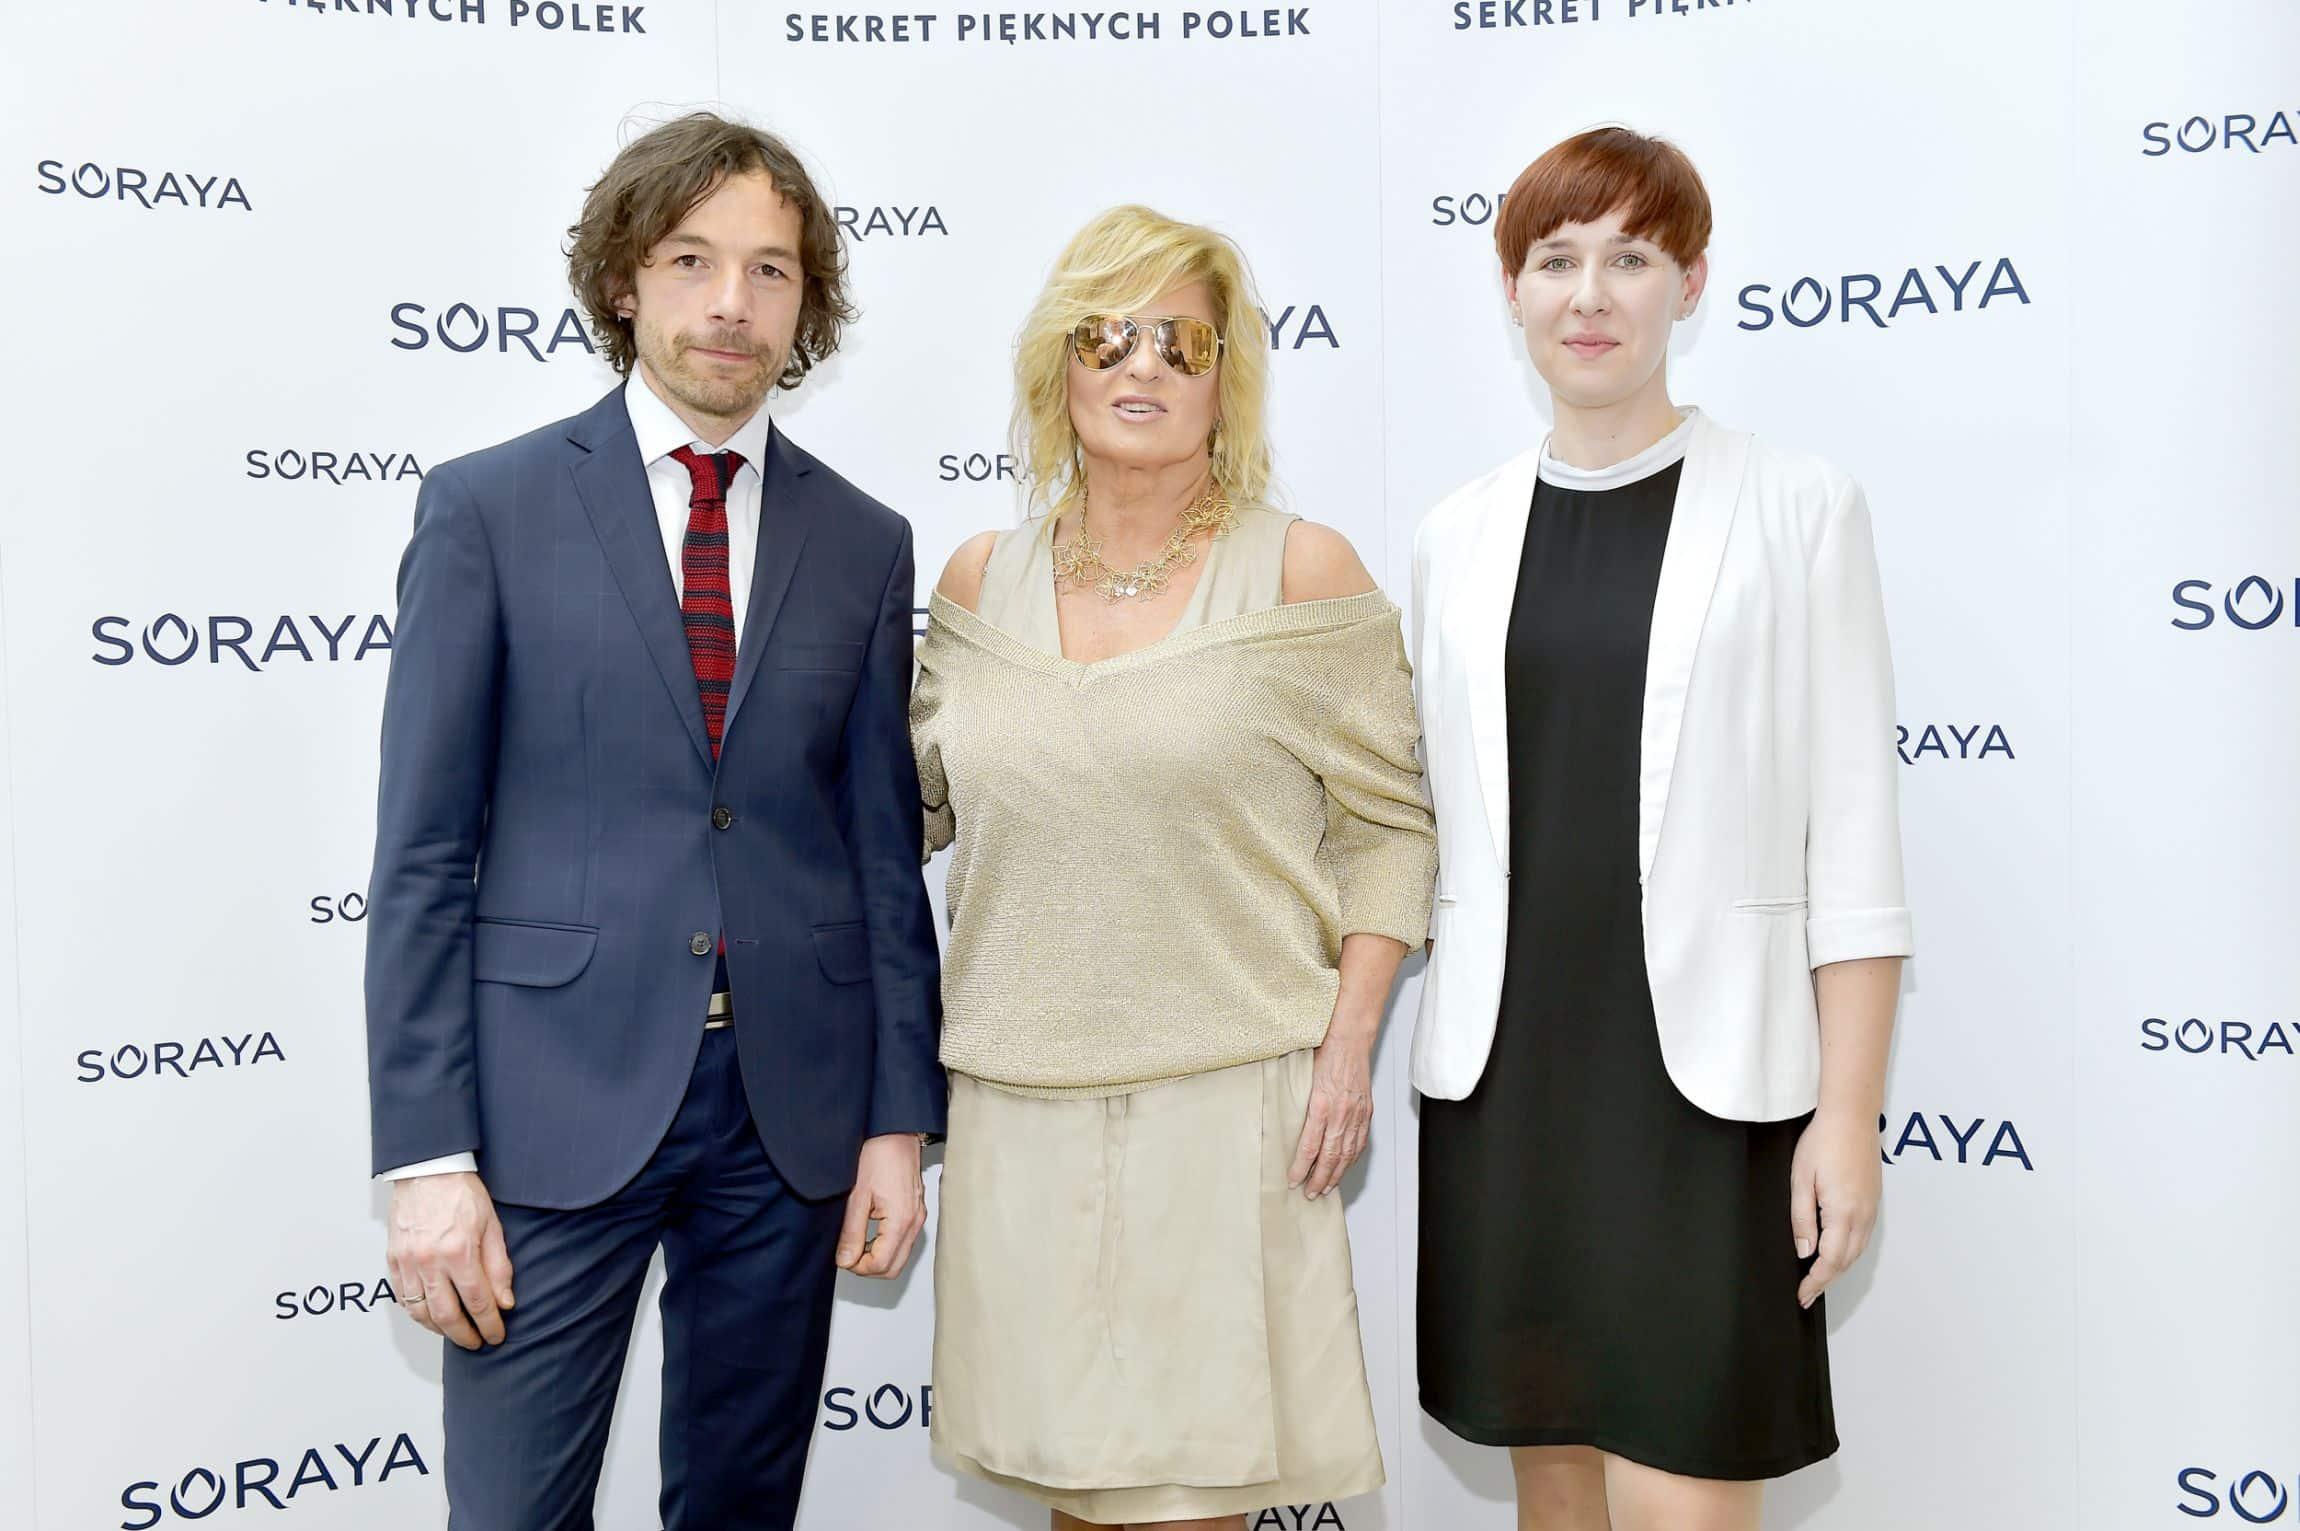 Ewa Kasprzyk została ambasadorką nowej linii Soraya